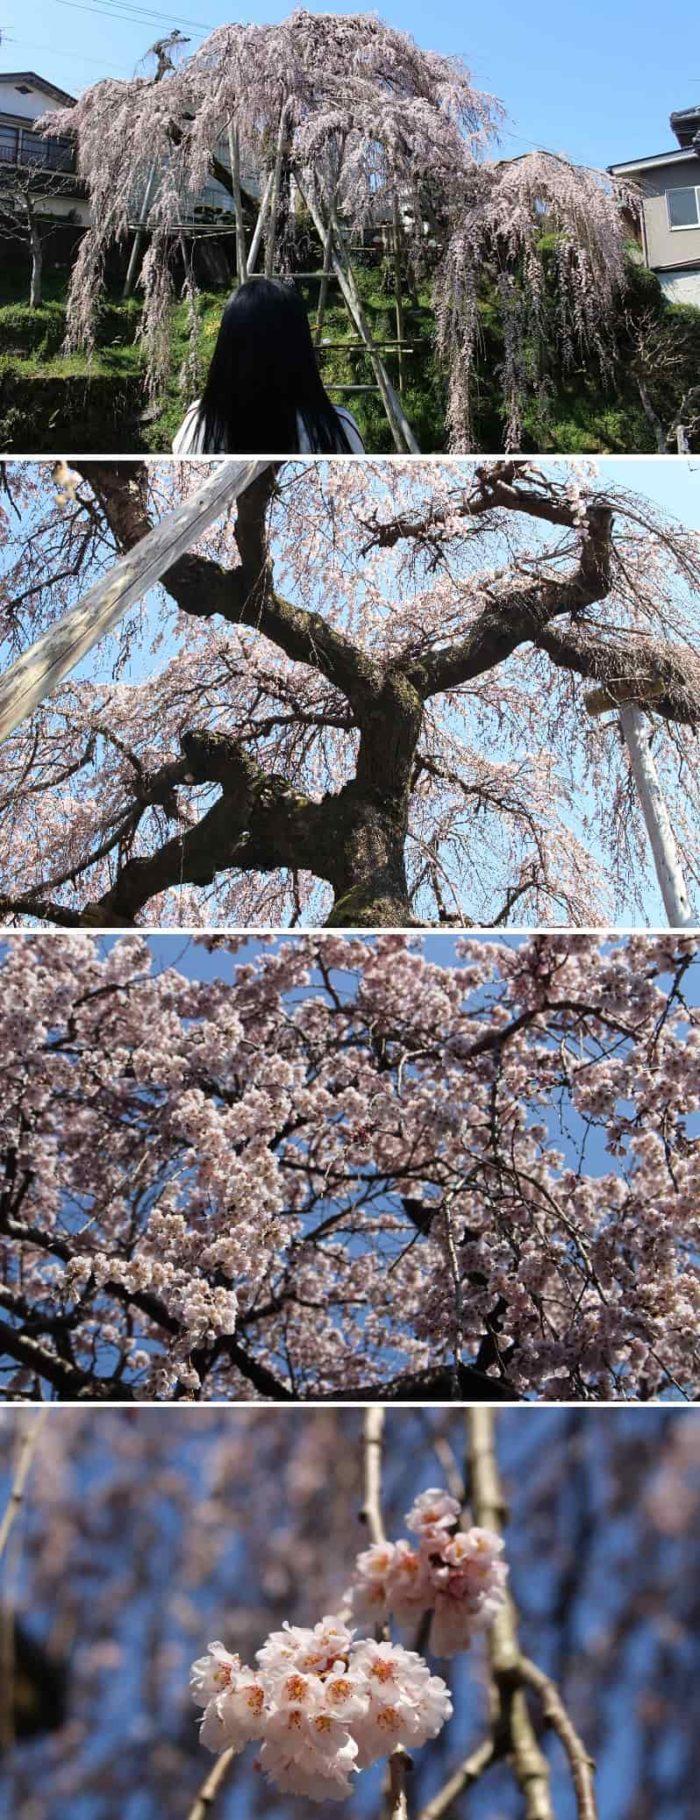 大阪髄一のしだれ桜の優美な姿です。